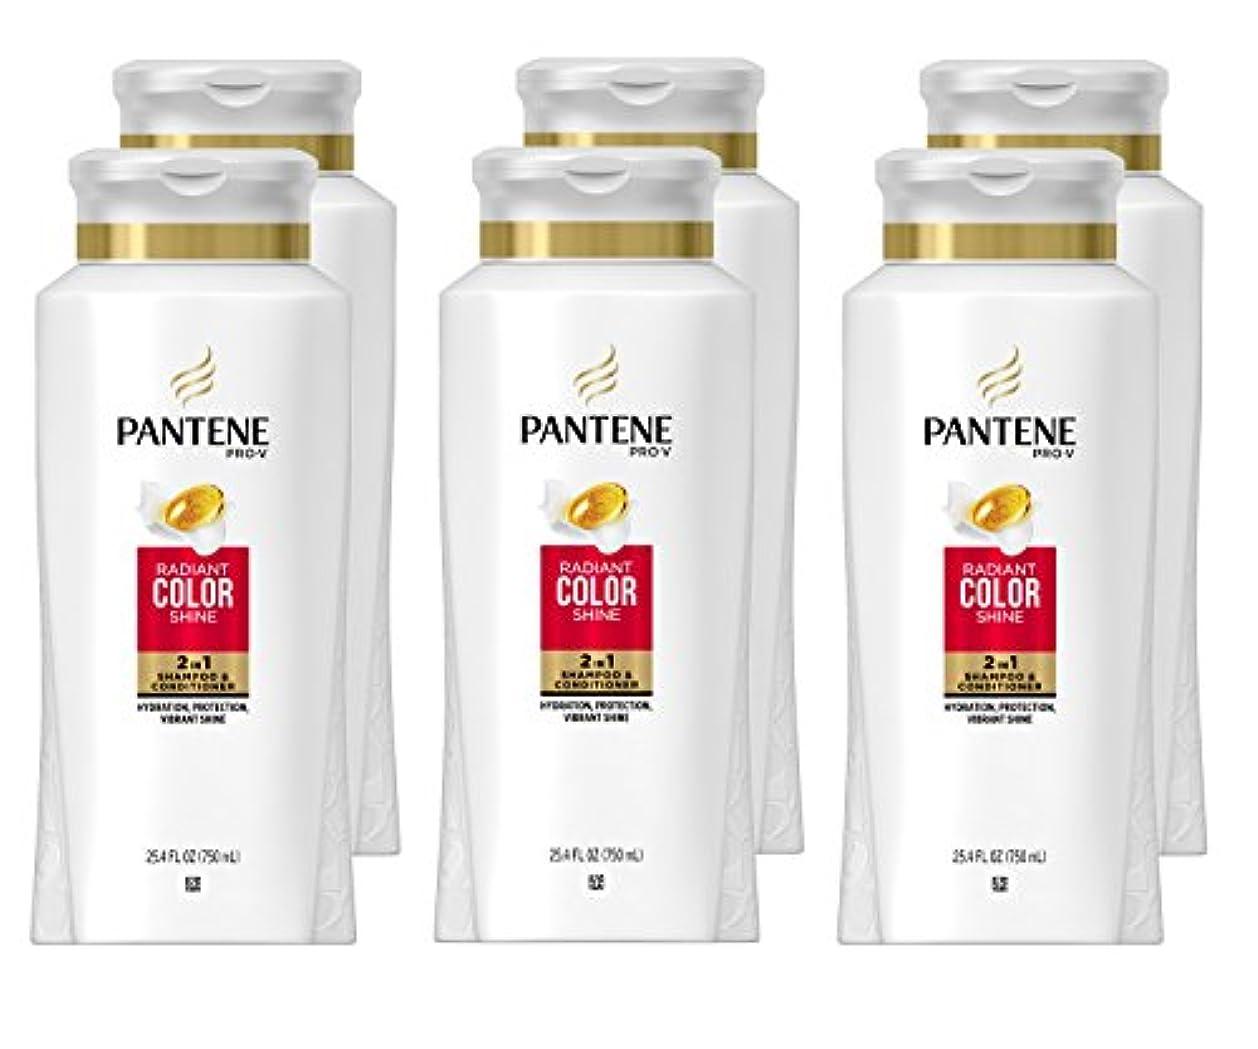 意気揚々議論する十分にPantene プロVラディアン色1シャンプー&コンディショナー、25.4液量オンスで磨き2(6パック)(梱包異なる場合があります)